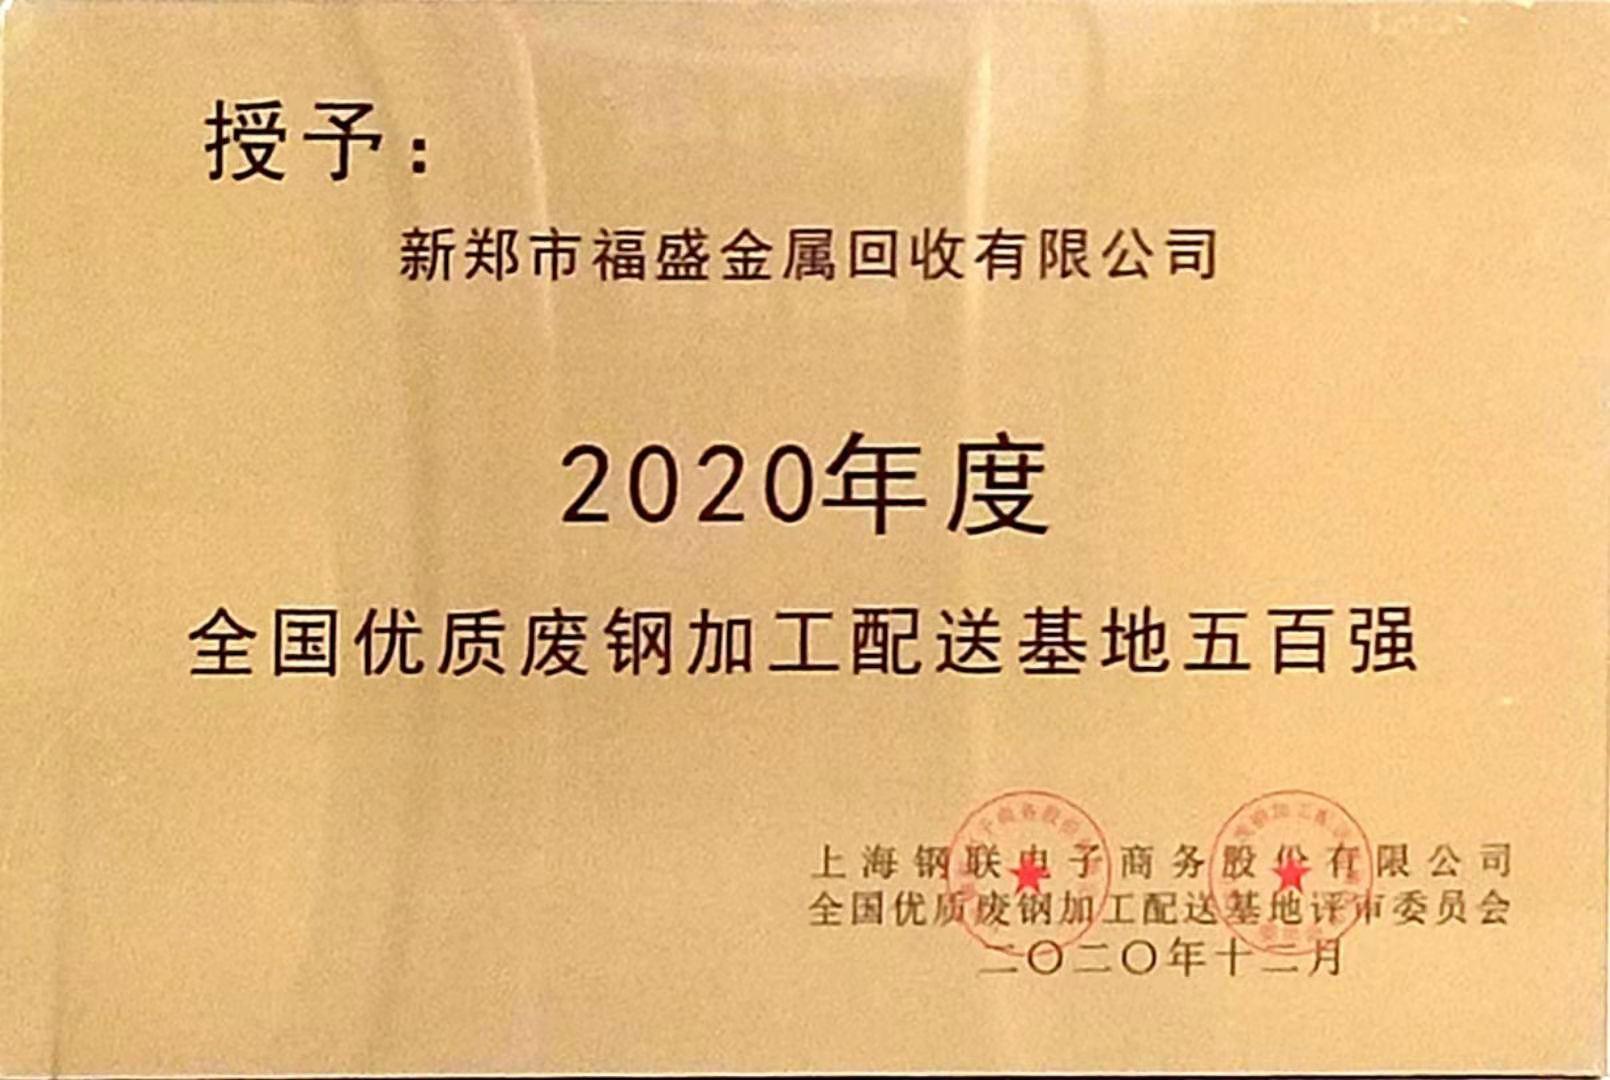 新郑市福盛金属回收有限公司荣获2020年度全国优质废钢加工配送基地五百强